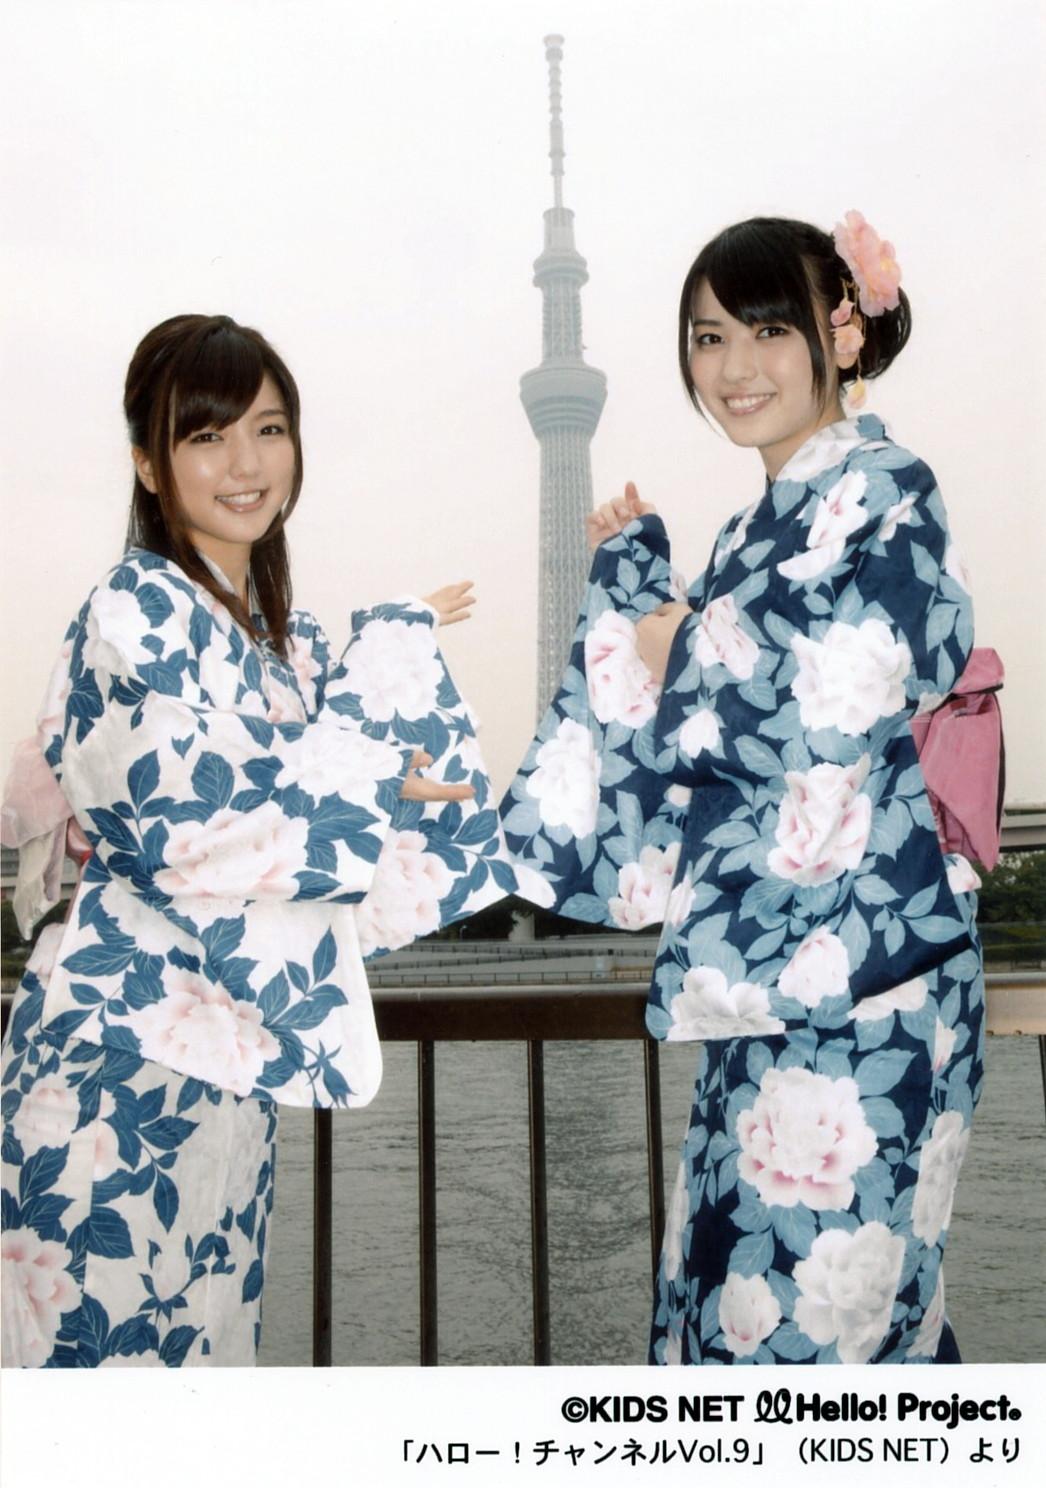 東京スカイツリー 花柄の浴衣 真野恵里菜 矢島舞美